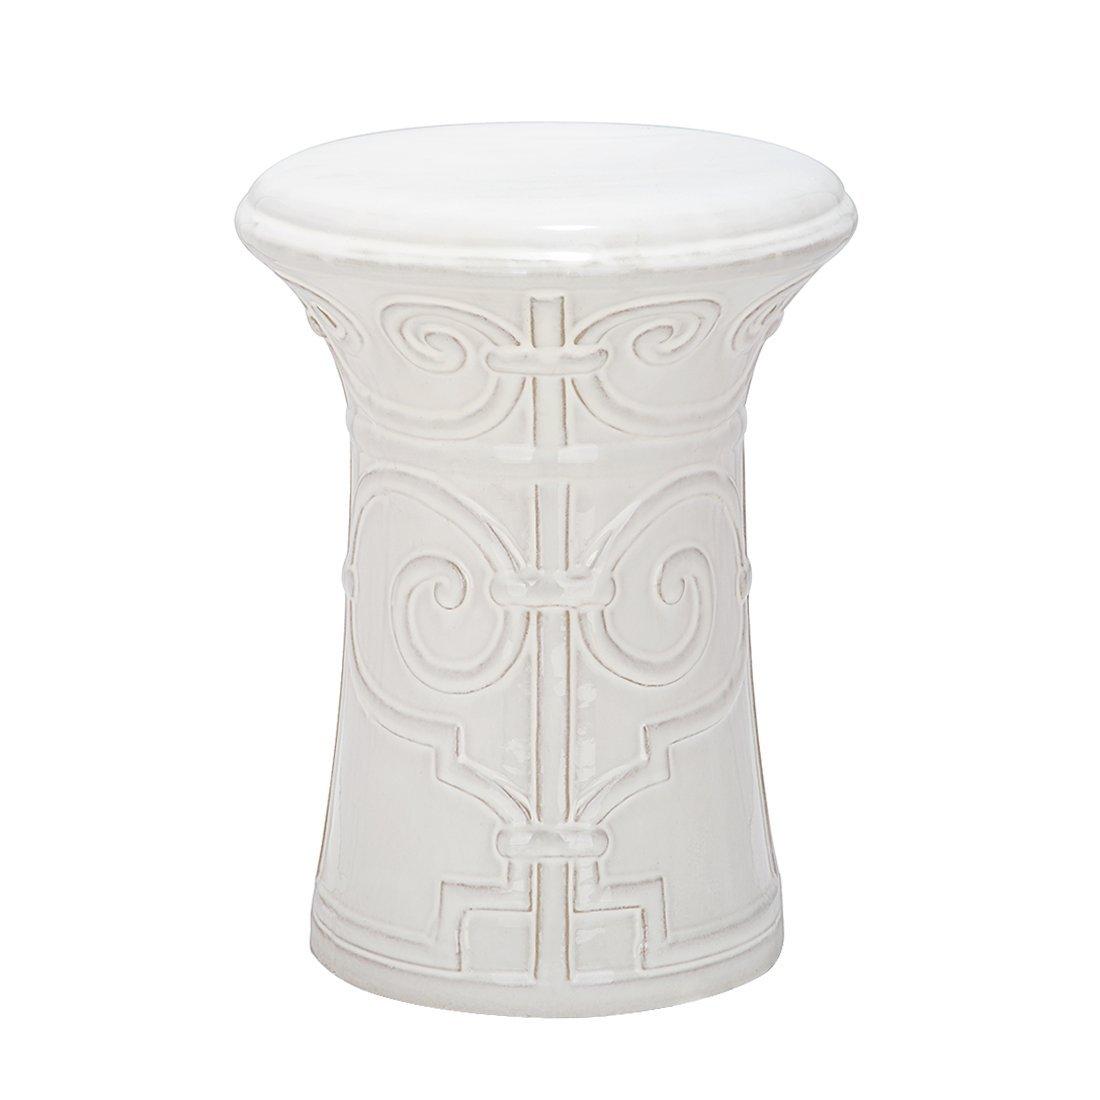 Gartenhocker Imperial Scroll Farbe: Weiß günstig bestellen